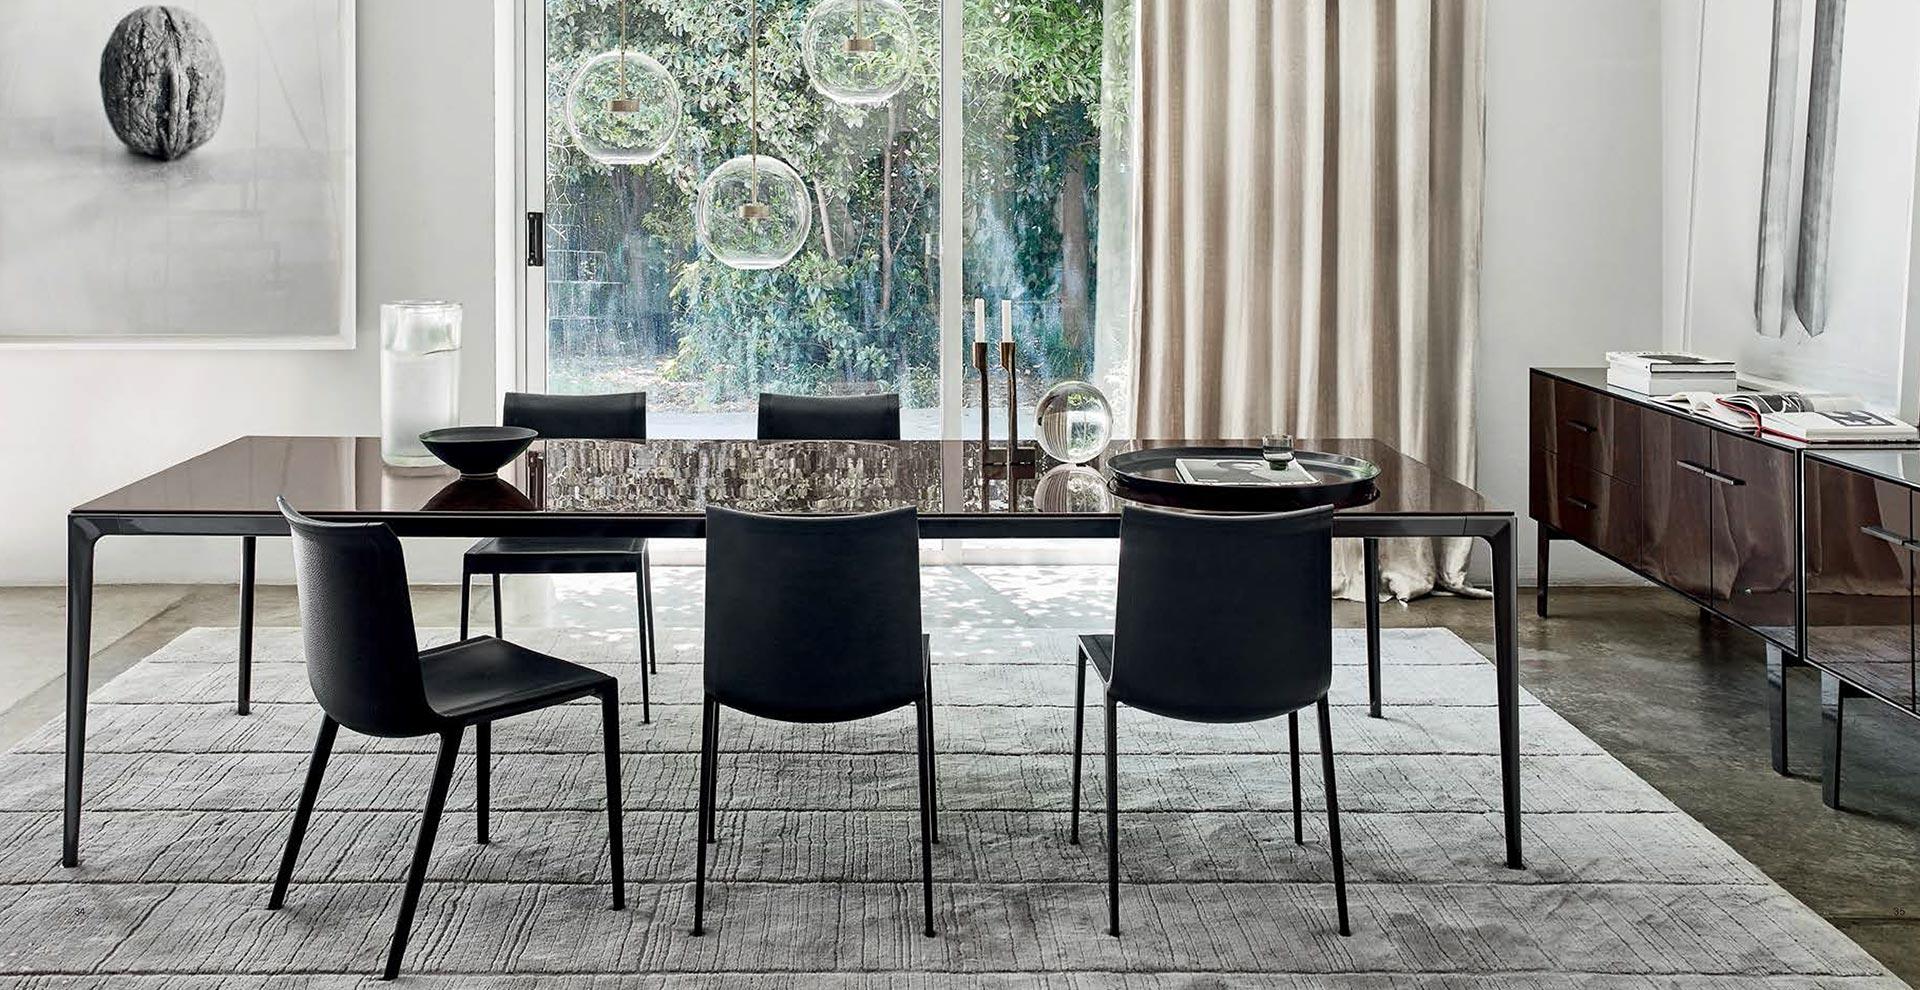 Mirto b b italia tavolo mirto b b italia - B b italia design ...